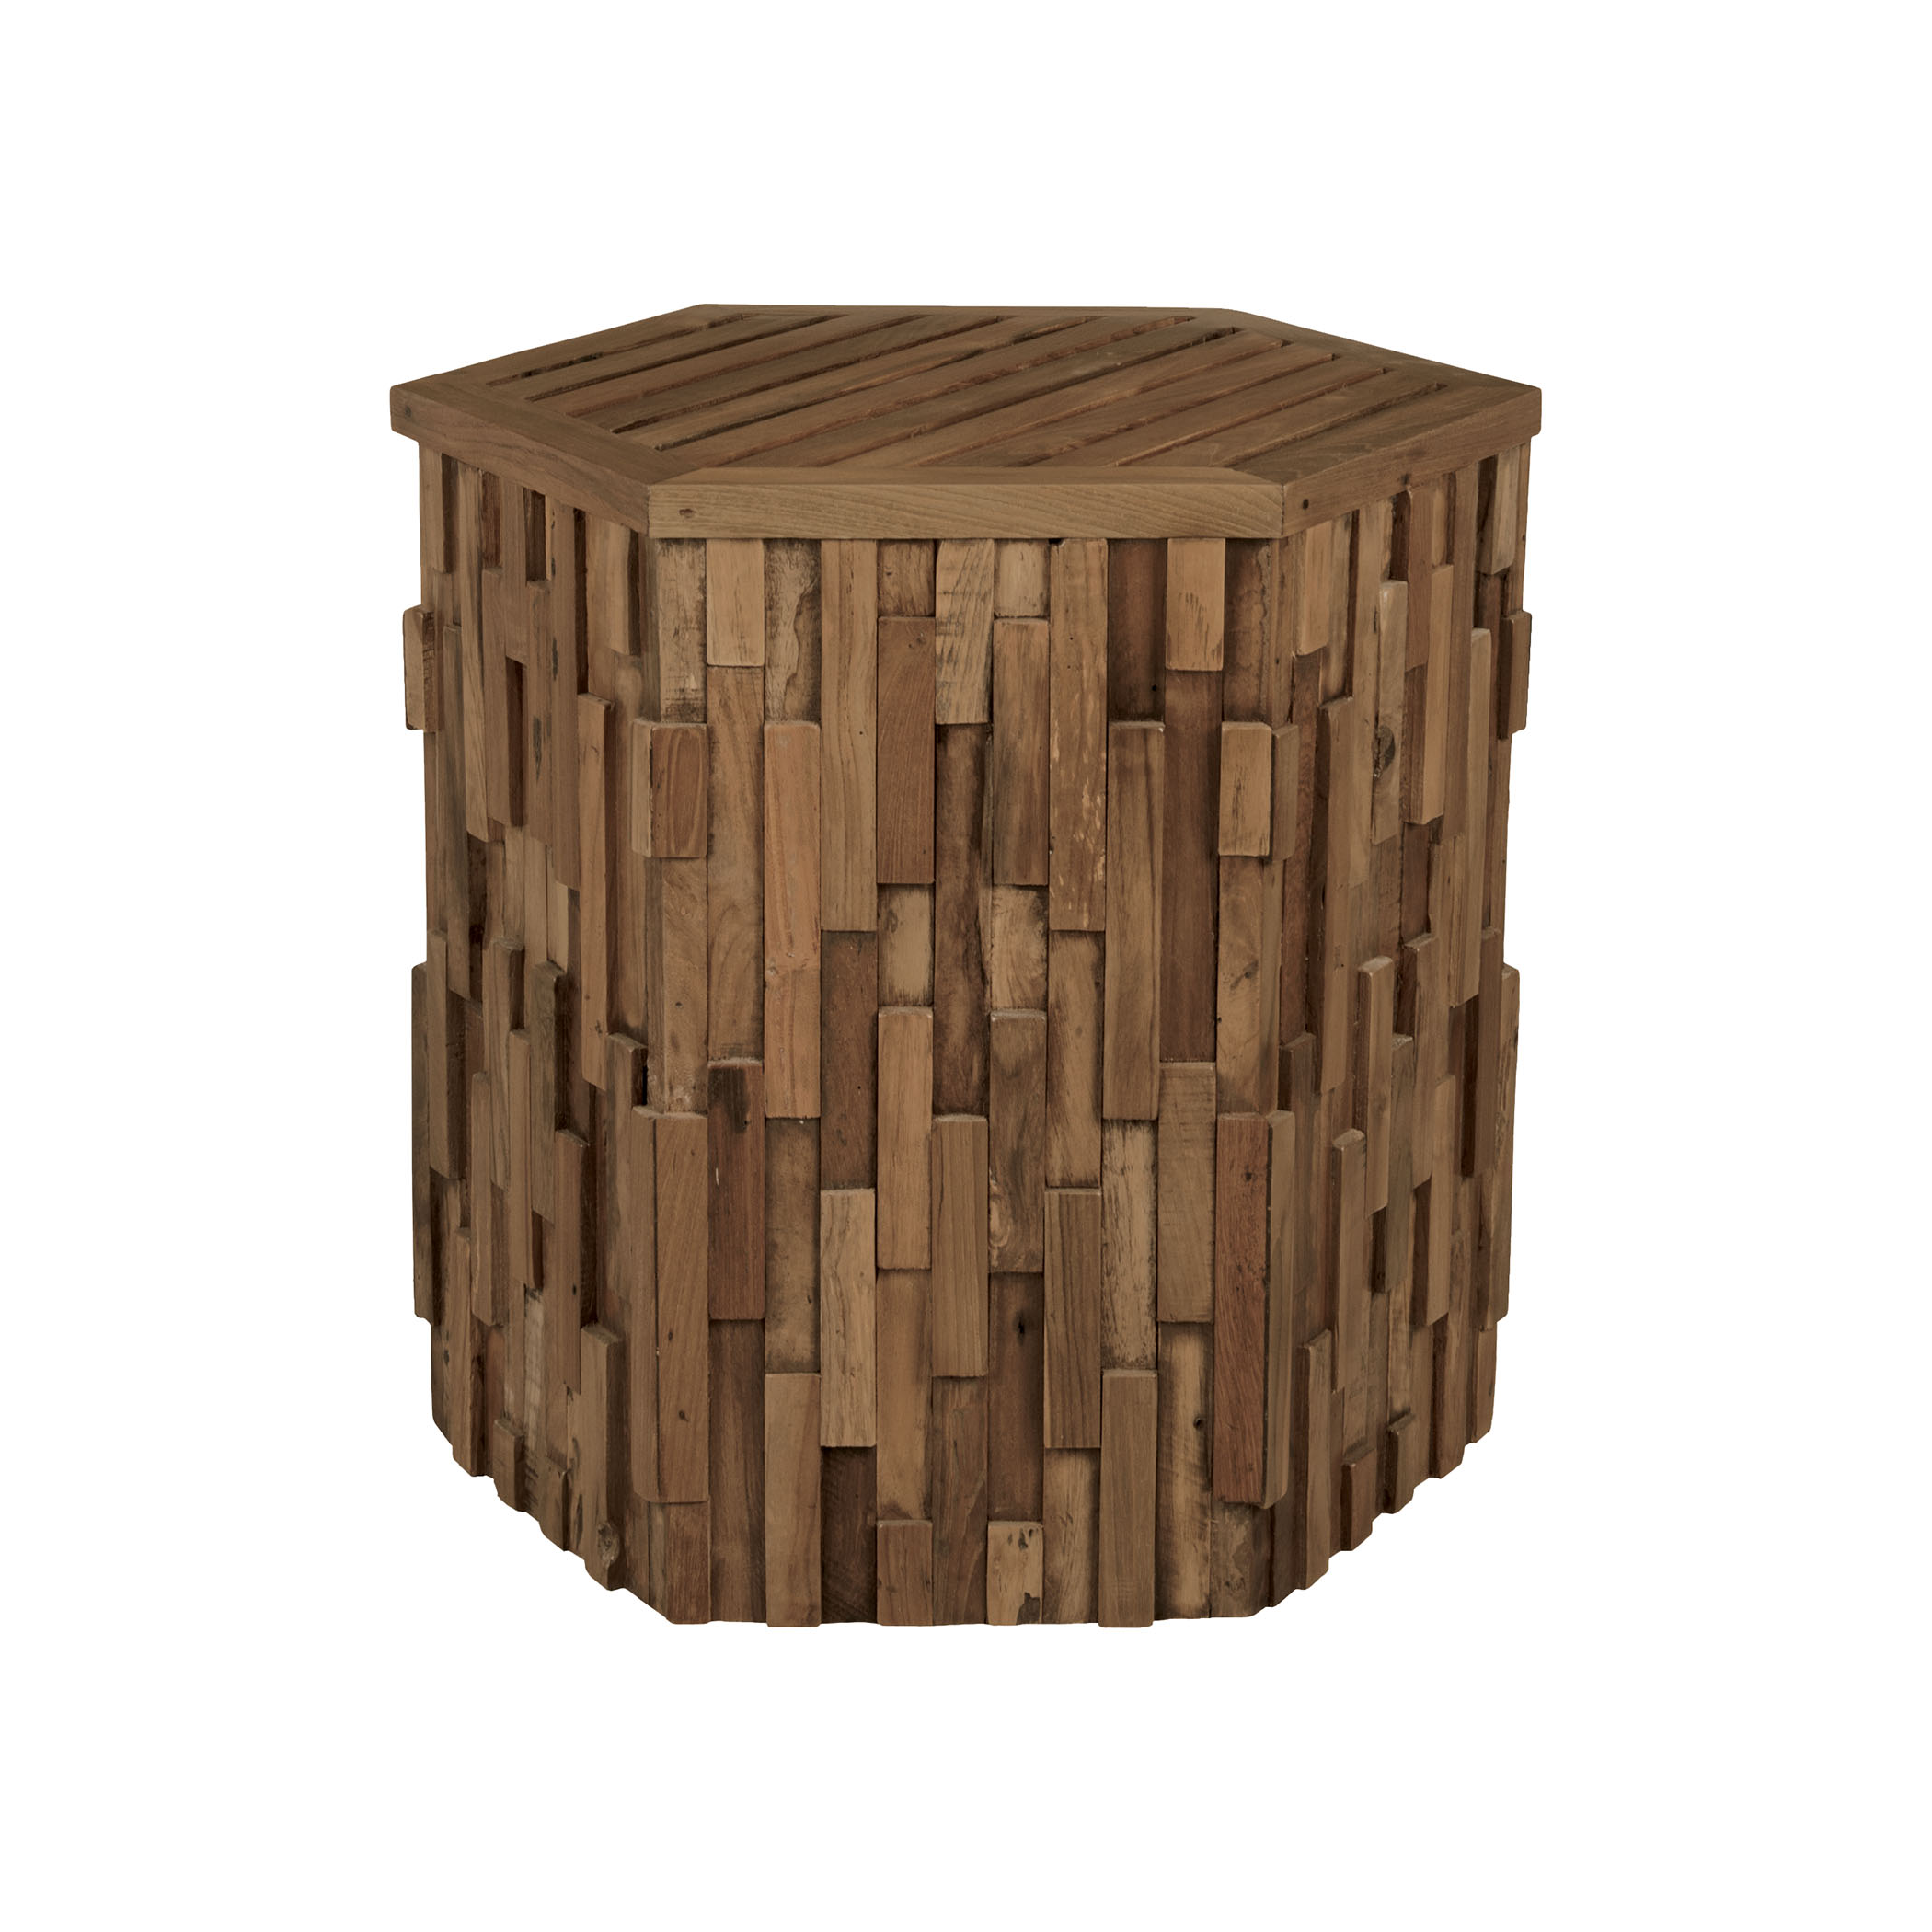 Teak Wood Side Table in Burnt Umber 6517001BU | ELK Home